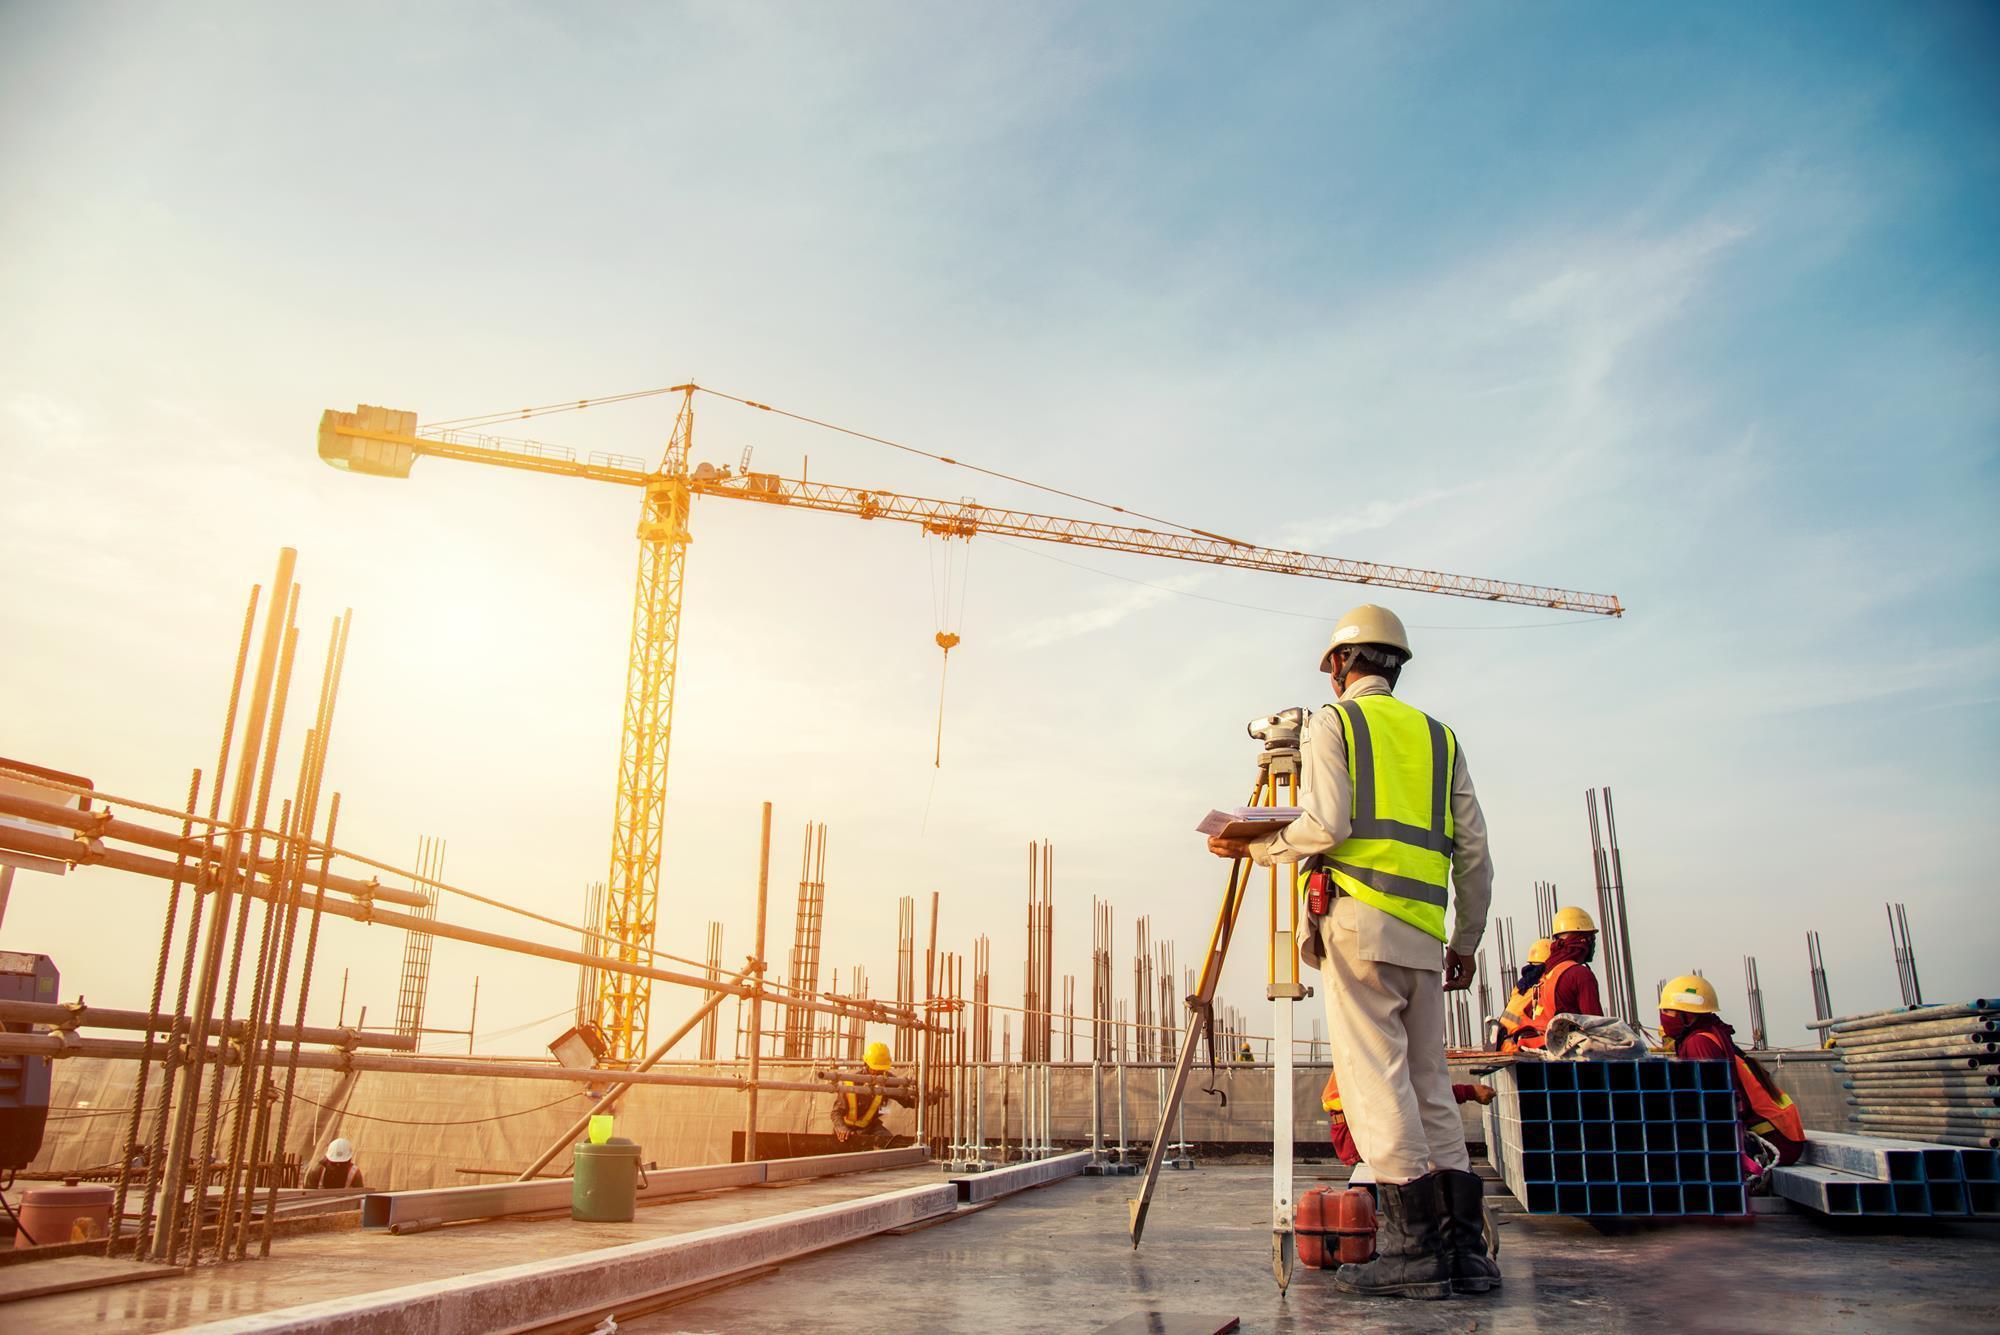 Сектор строительства на Кипре - лидер по числу несчастных случаев на рабочем месте